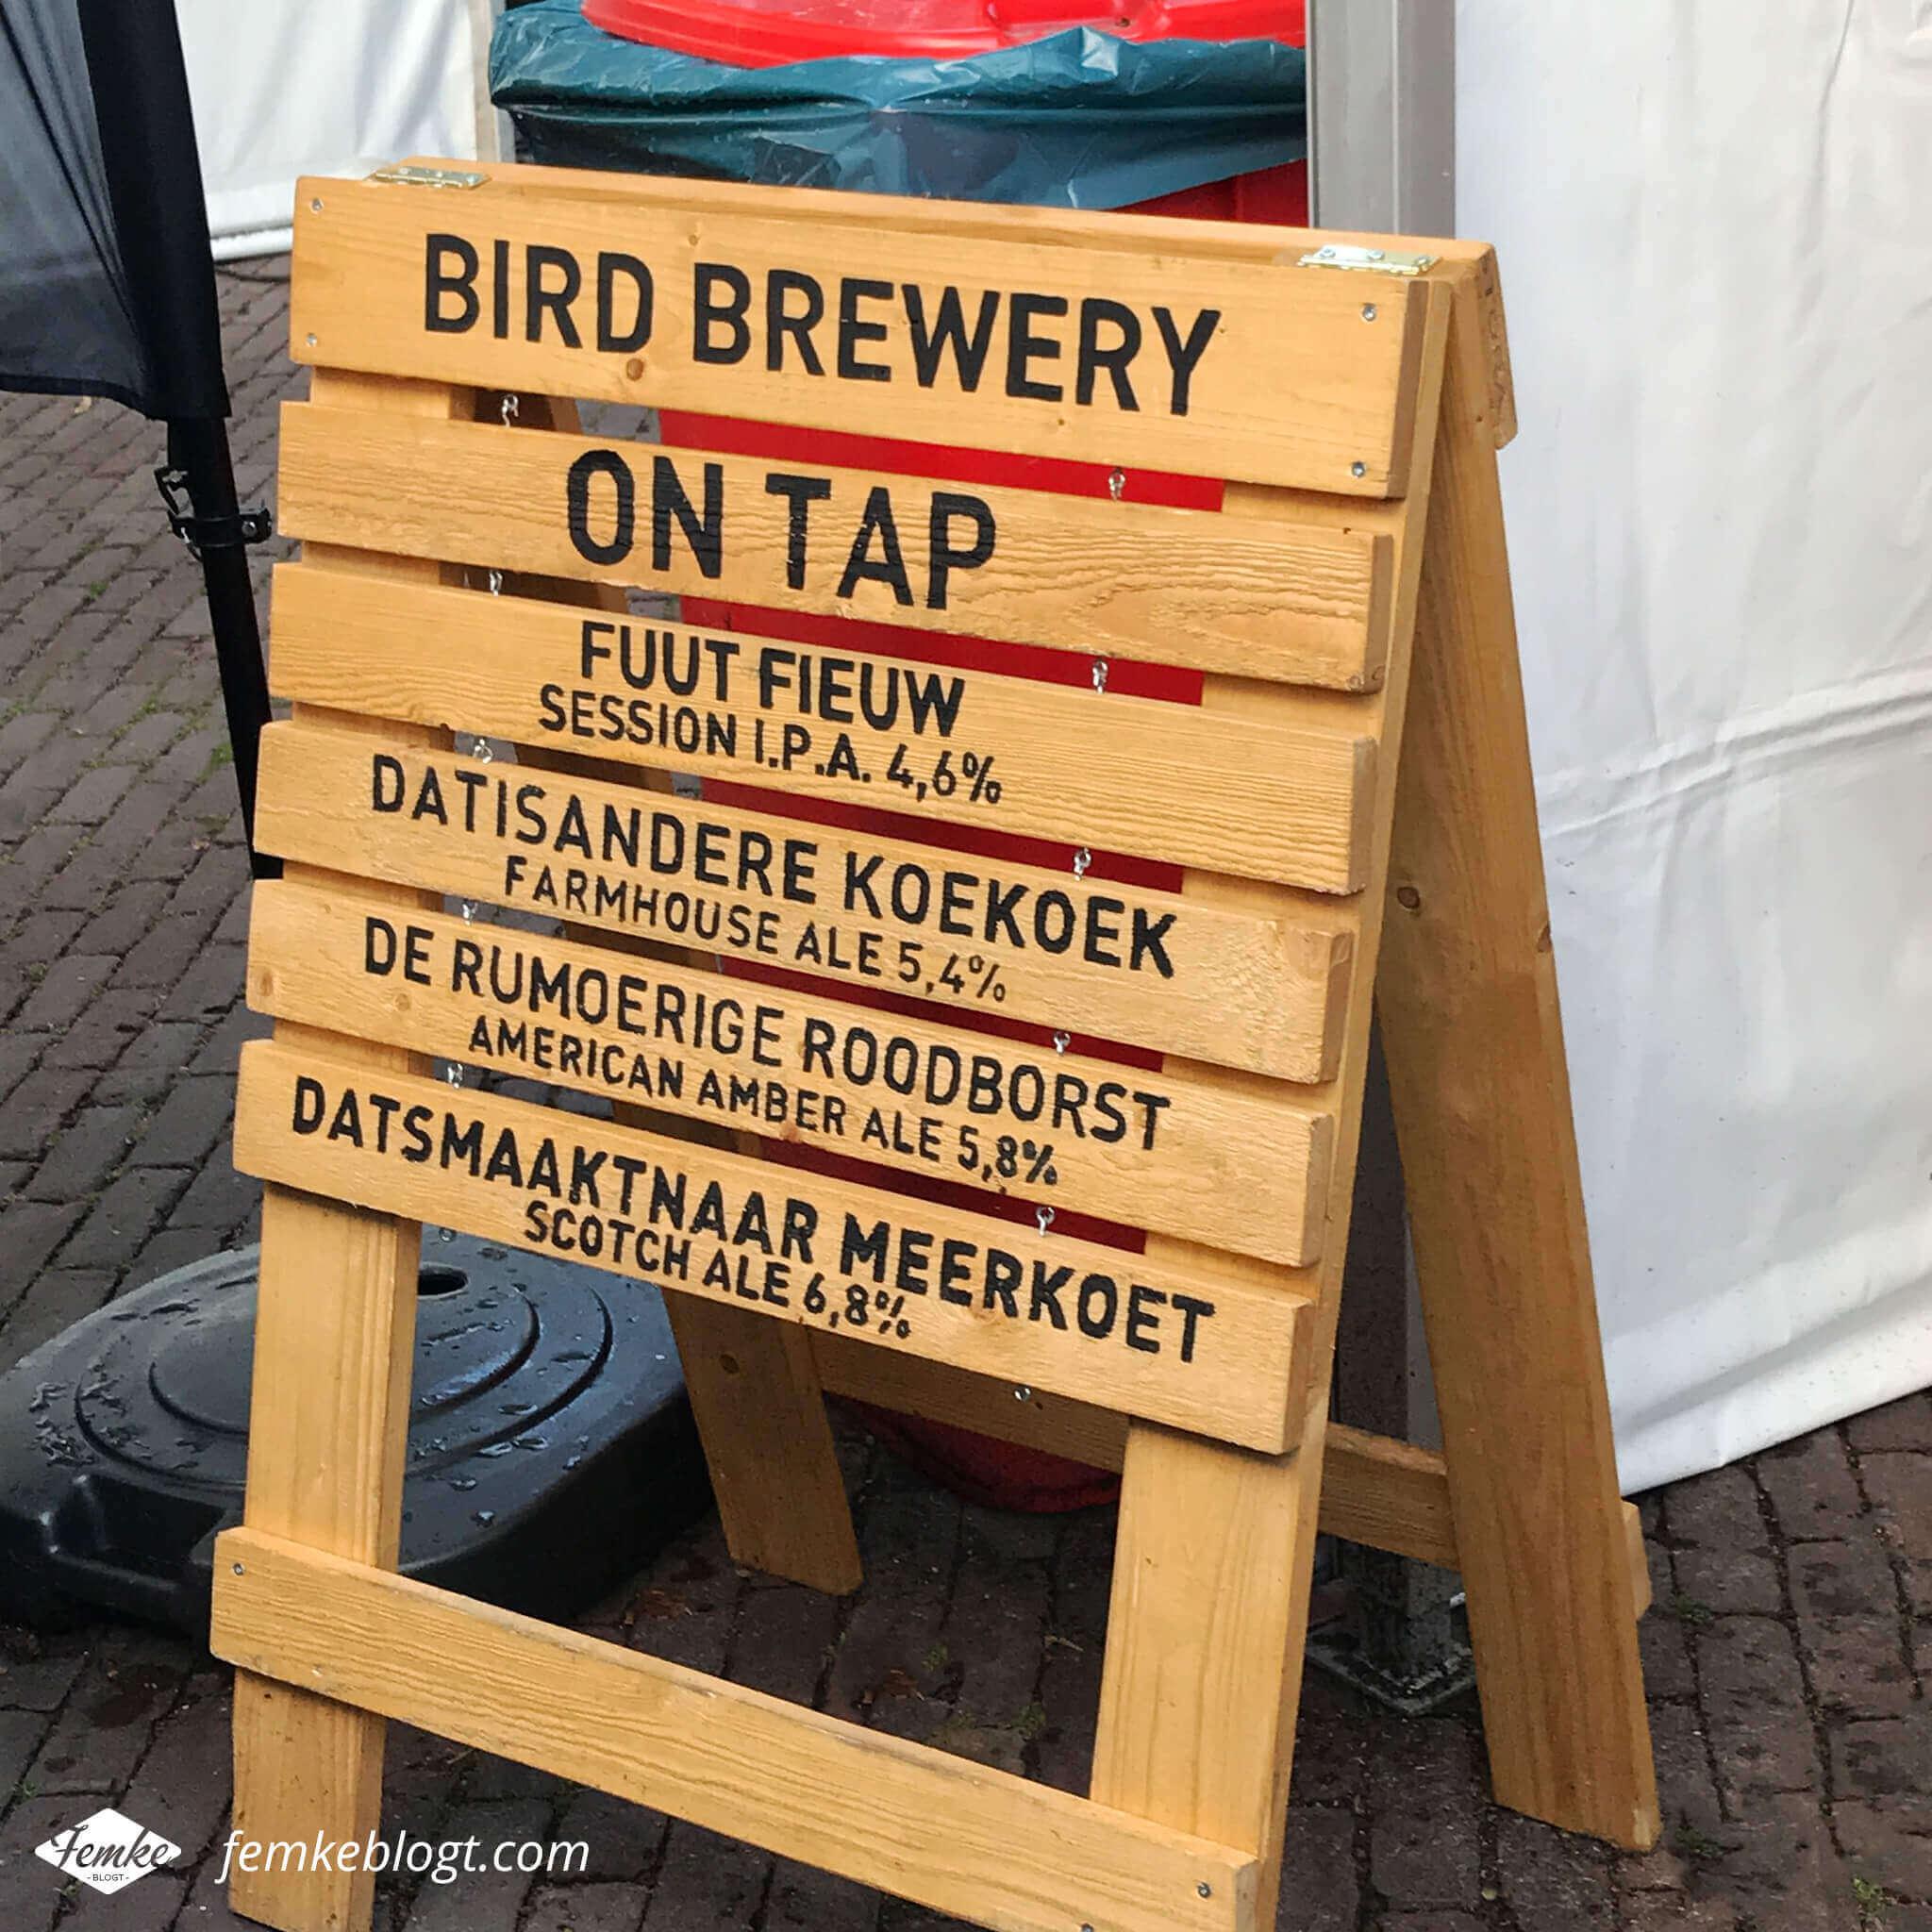 Maandoverzicht september | Bierfestival Dalfsen, grappige biernamen van Bird Brewery